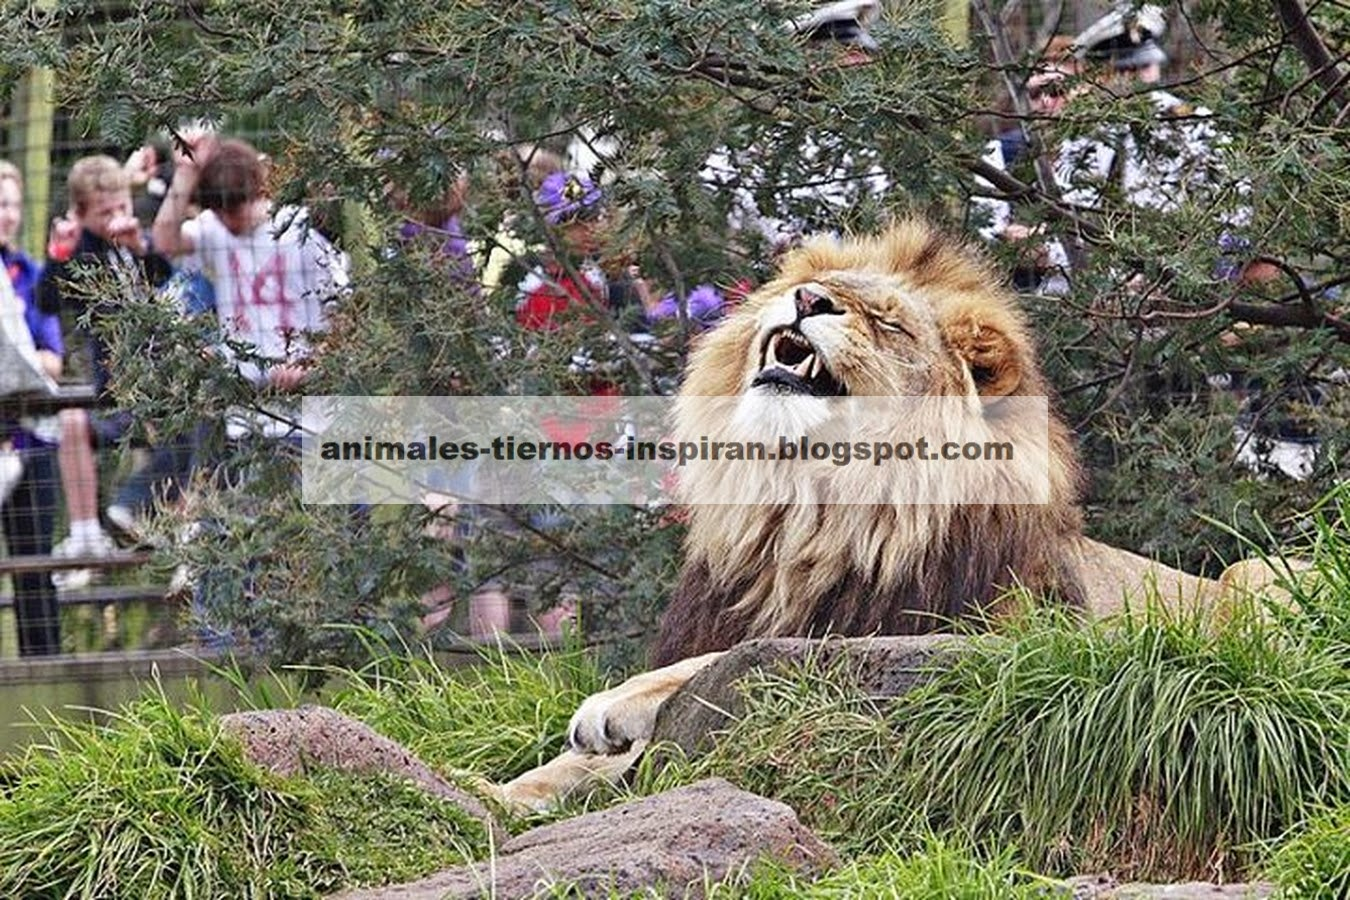 Animales Tiernos Inspiran: impactantes imagenes de leones